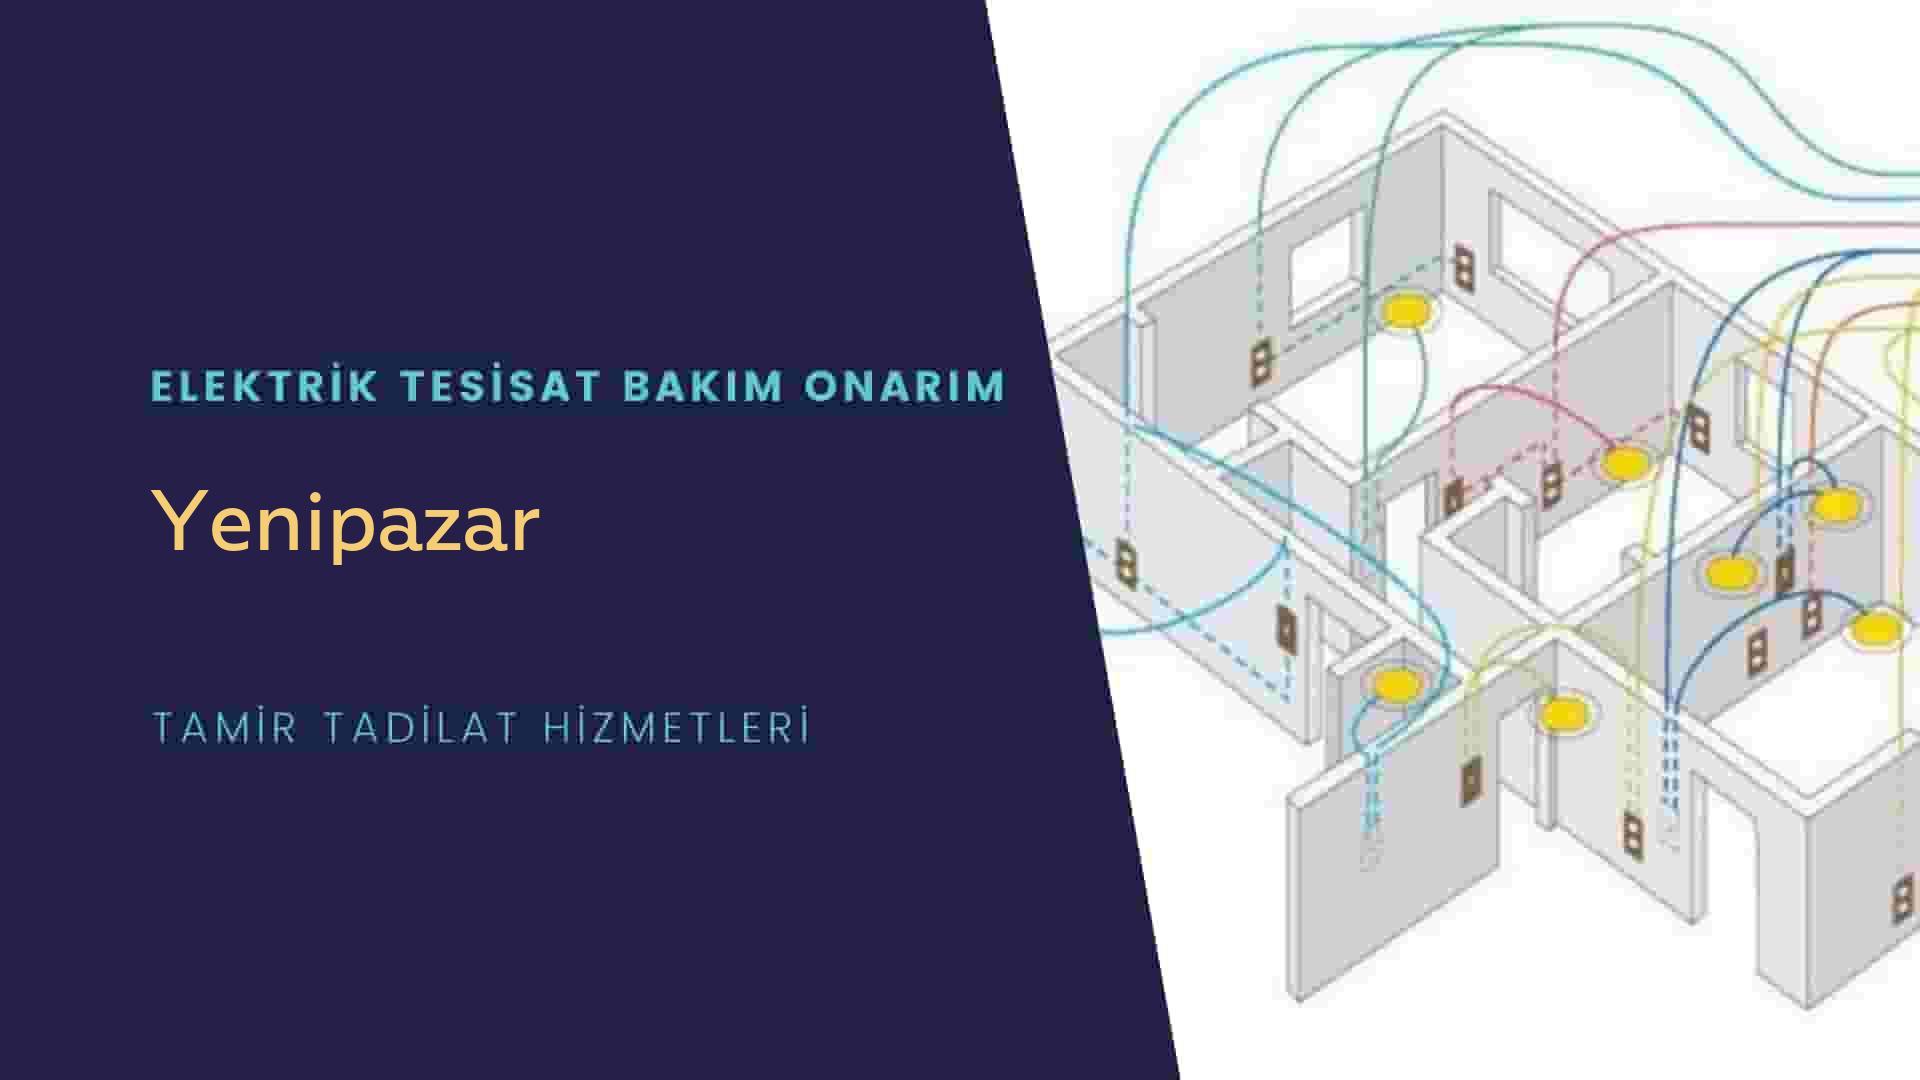 Yenipazar'da elektrik tesisatıustalarımı arıyorsunuz doğru adrestenizi Yenipazar elektrik tesisatı ustalarımız 7/24 sizlere hizmet vermekten mutluluk duyar.